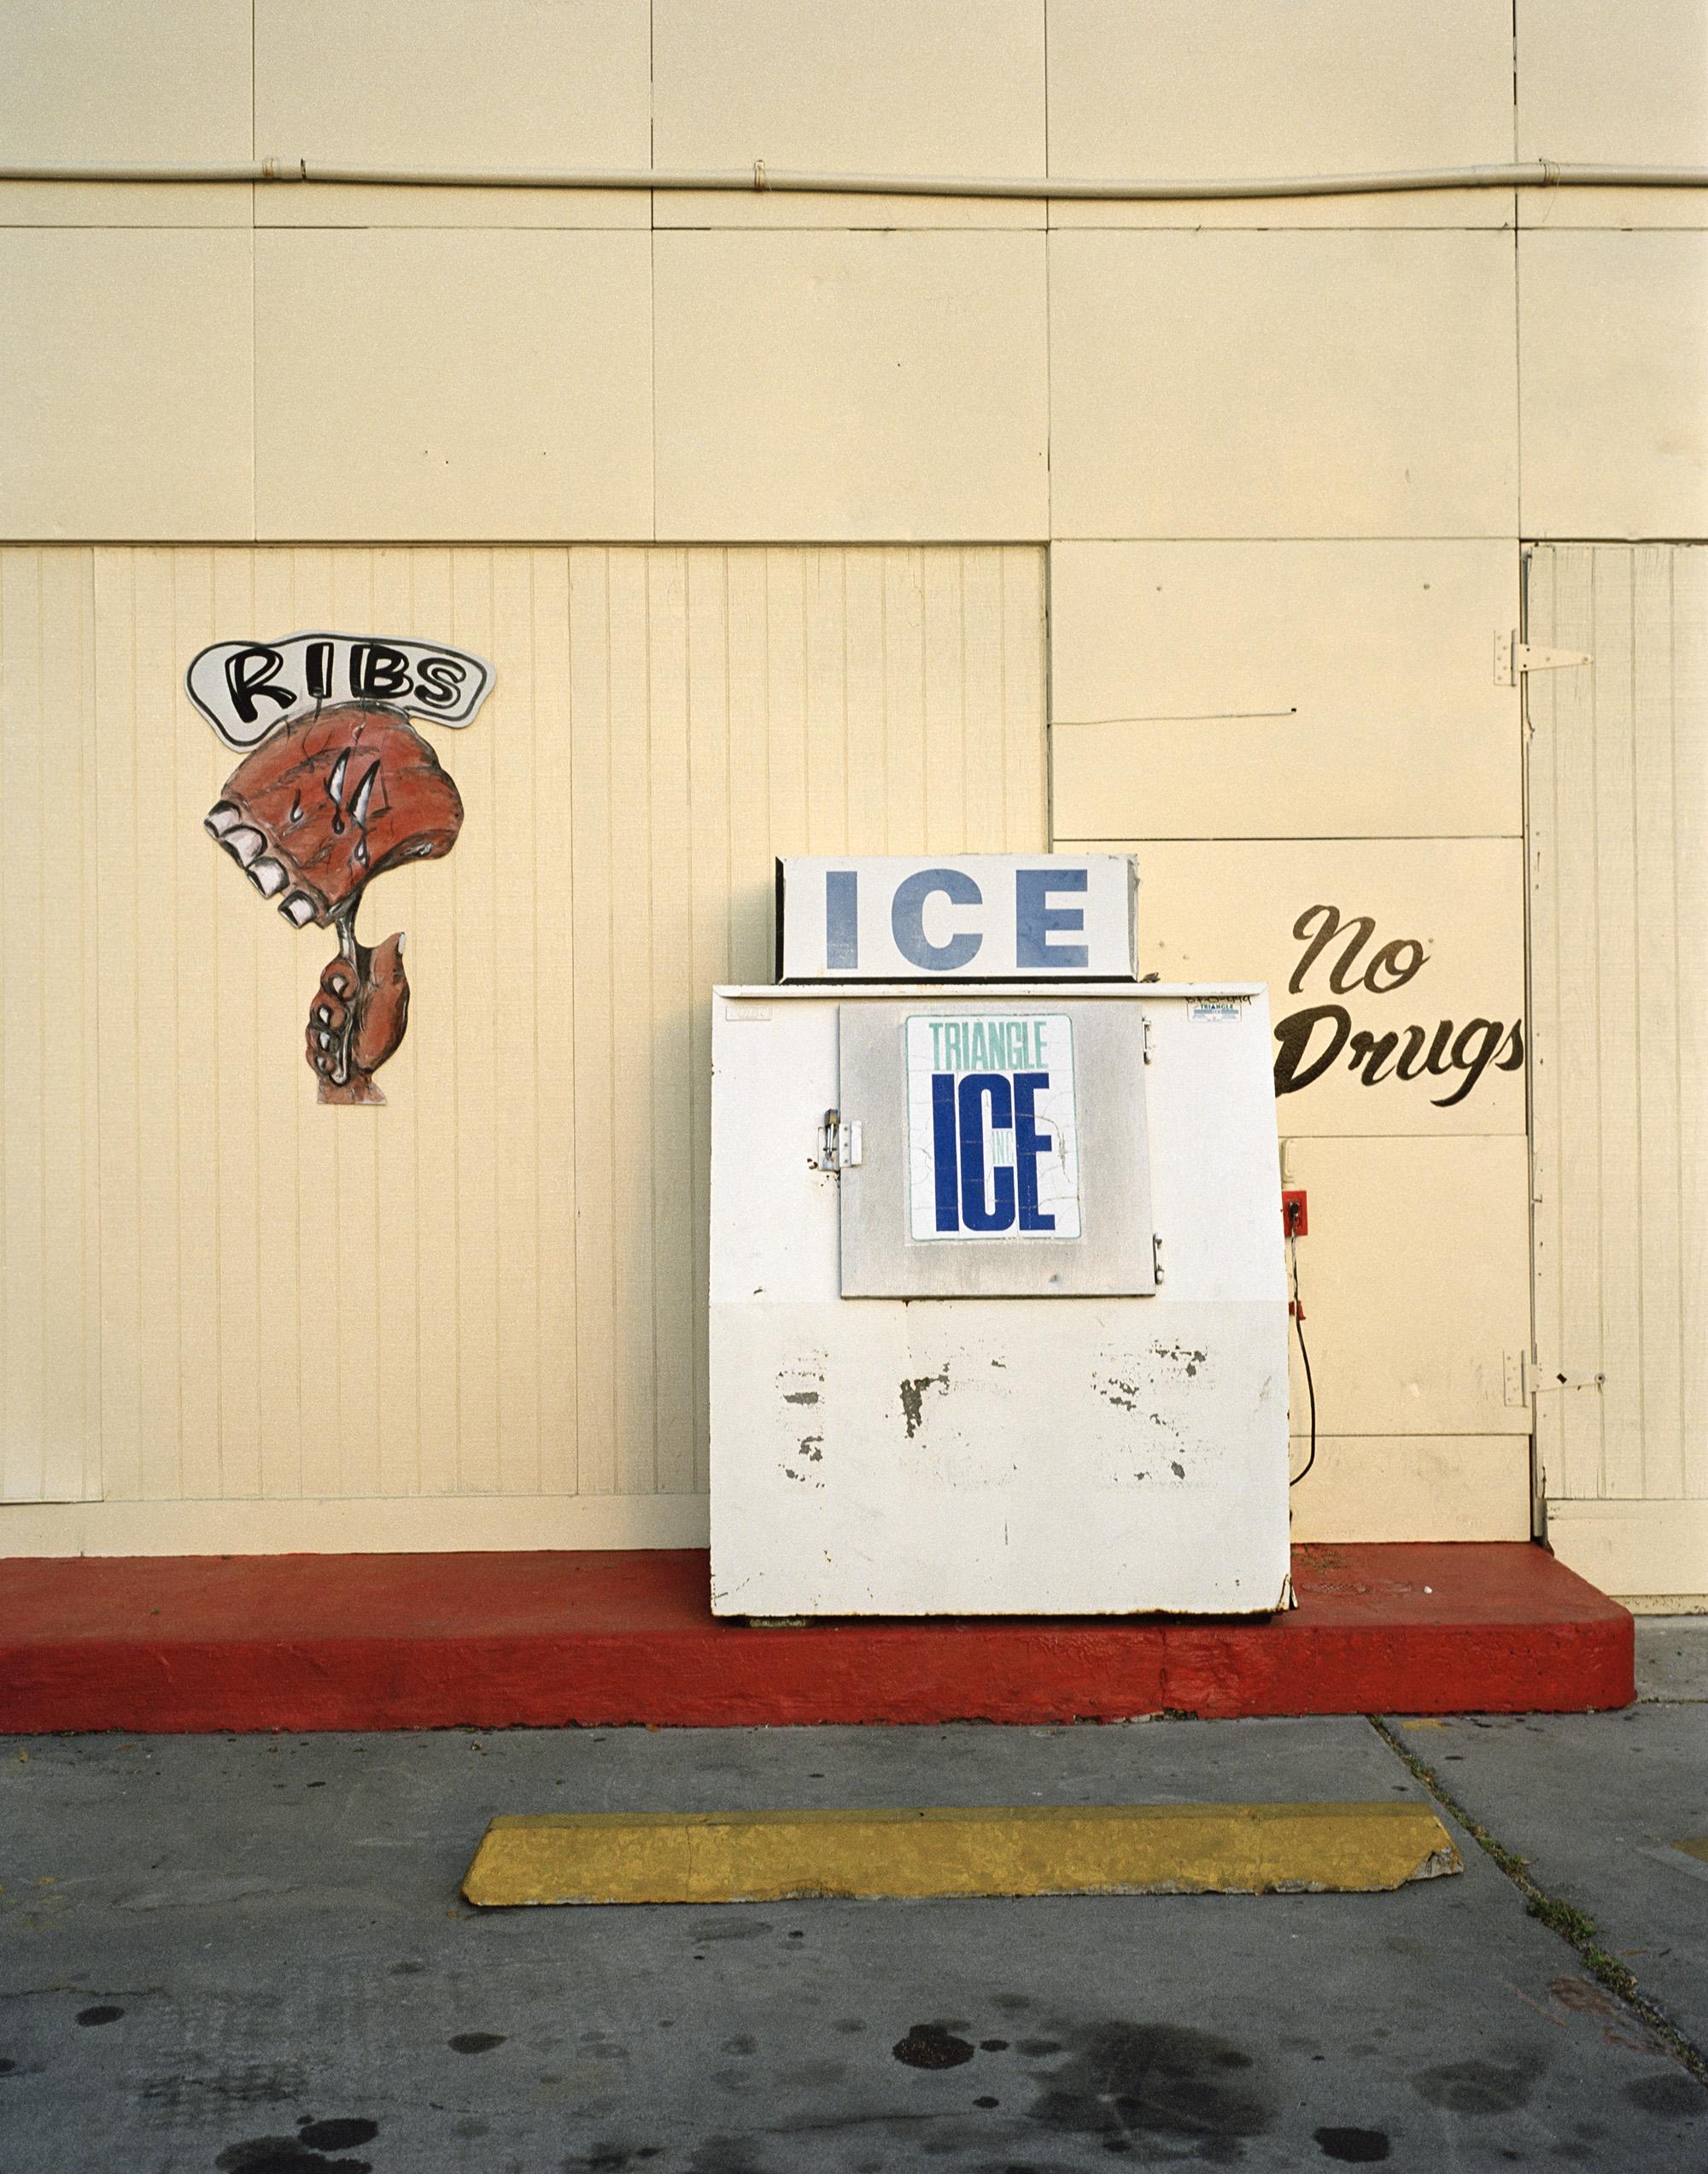 Ribs, Ice, No Drugs, Savannah, GA.